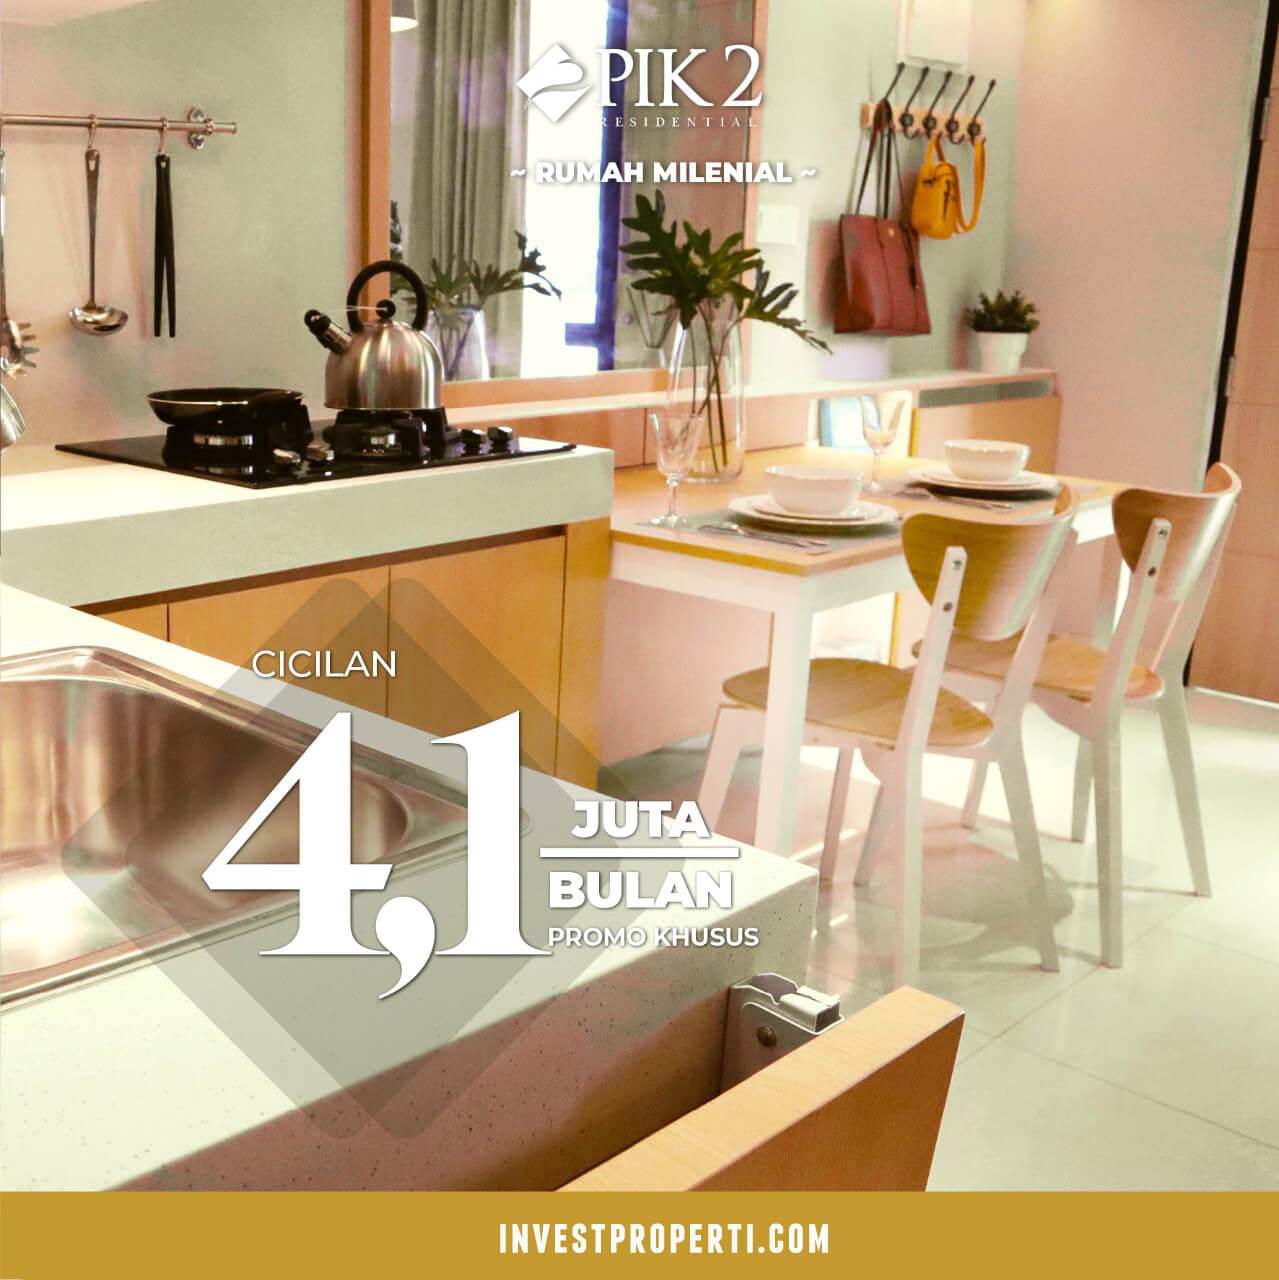 Promo Rumah Pik 2 Jakarta Cluster California